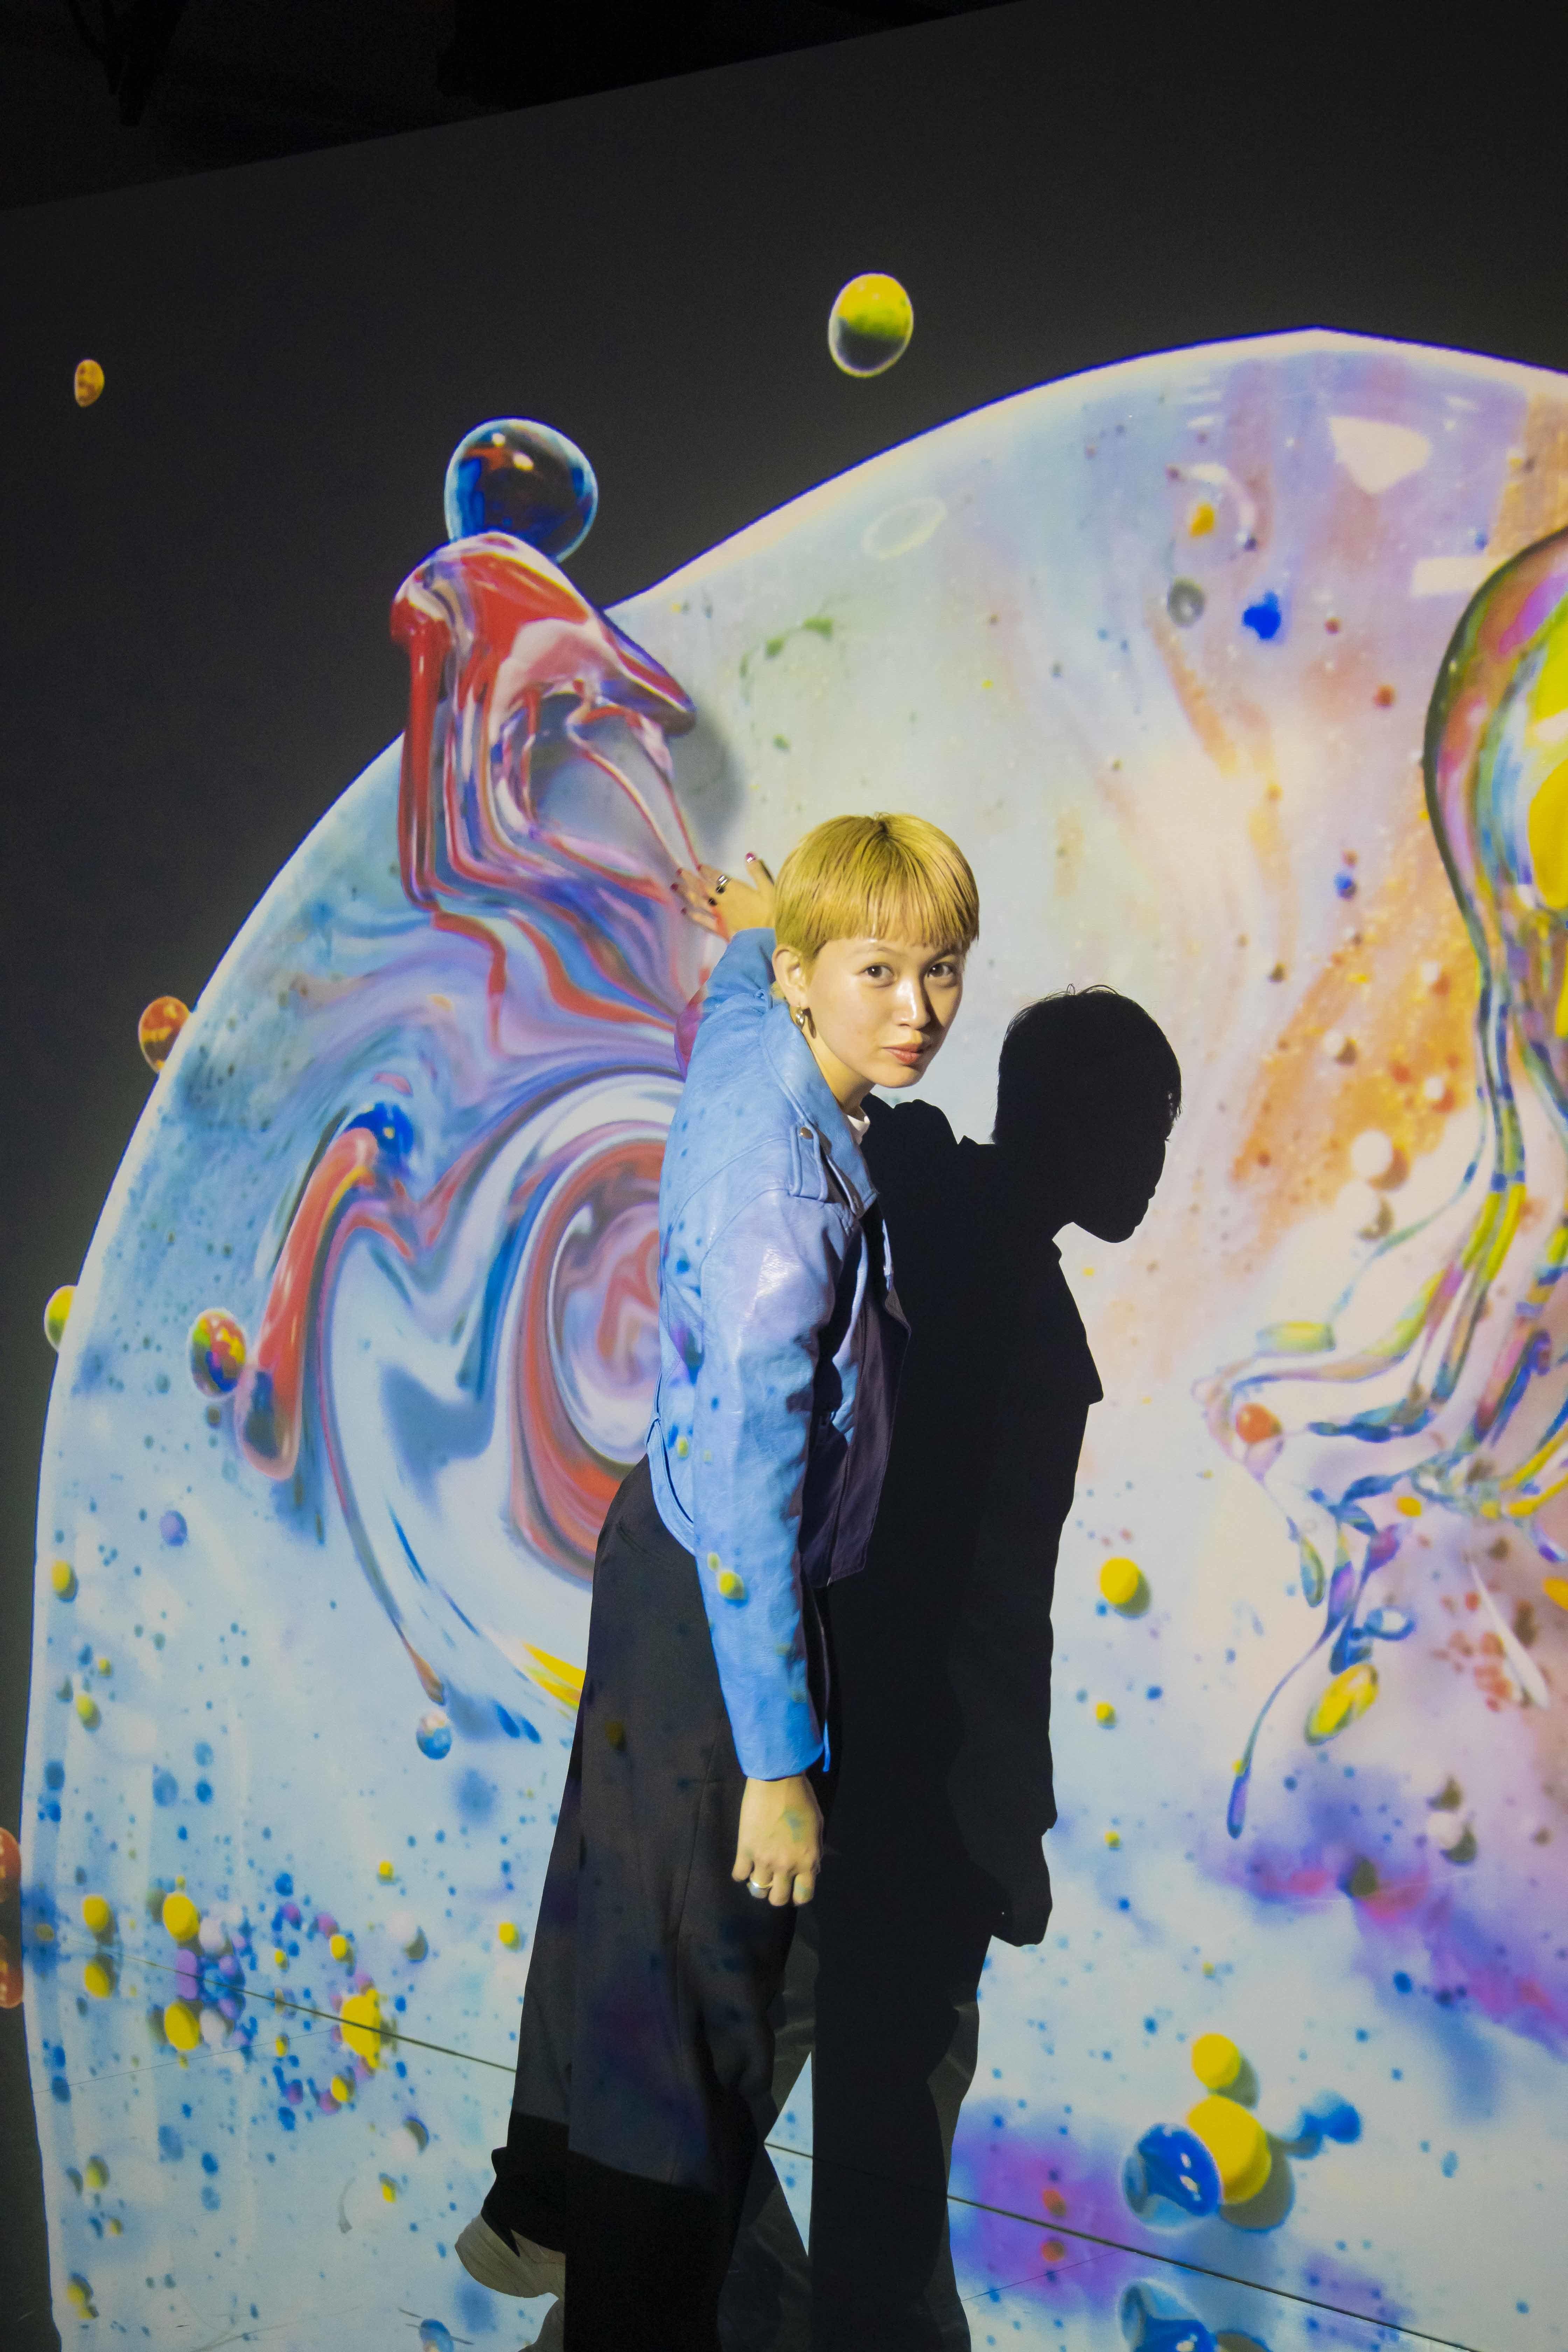 千裕さんのお気に入りは、フルイドアートが楽しめる<Fluid Wall>のエリア!